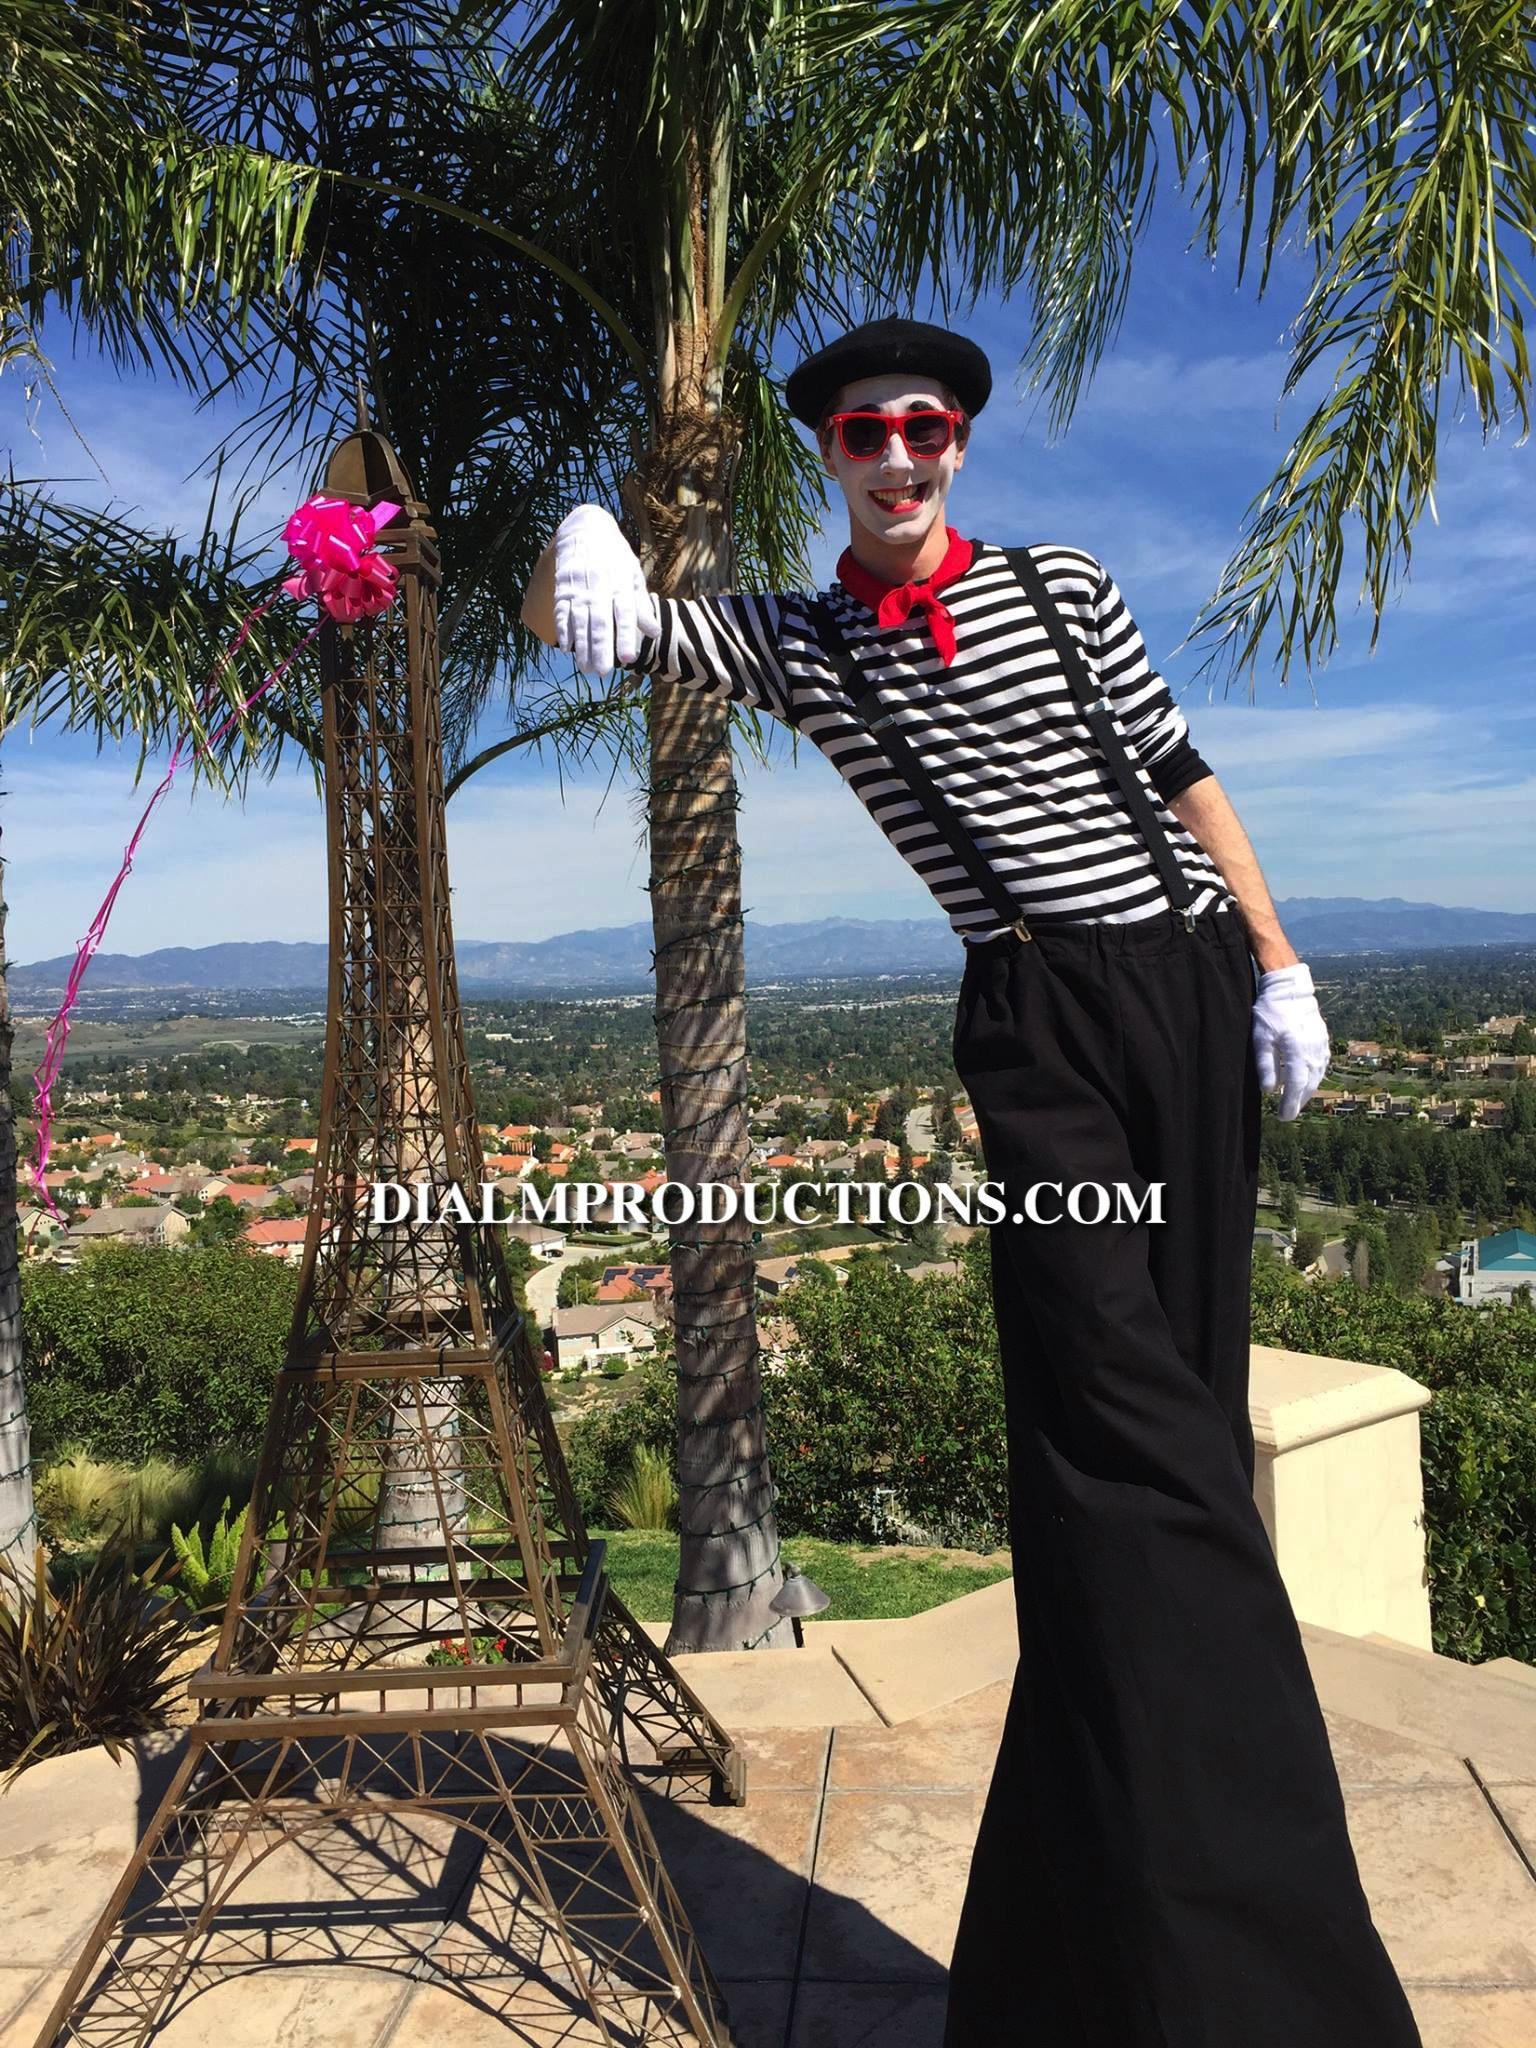 Mime Los Angeles Event Planner - Jesse Stilt Walker